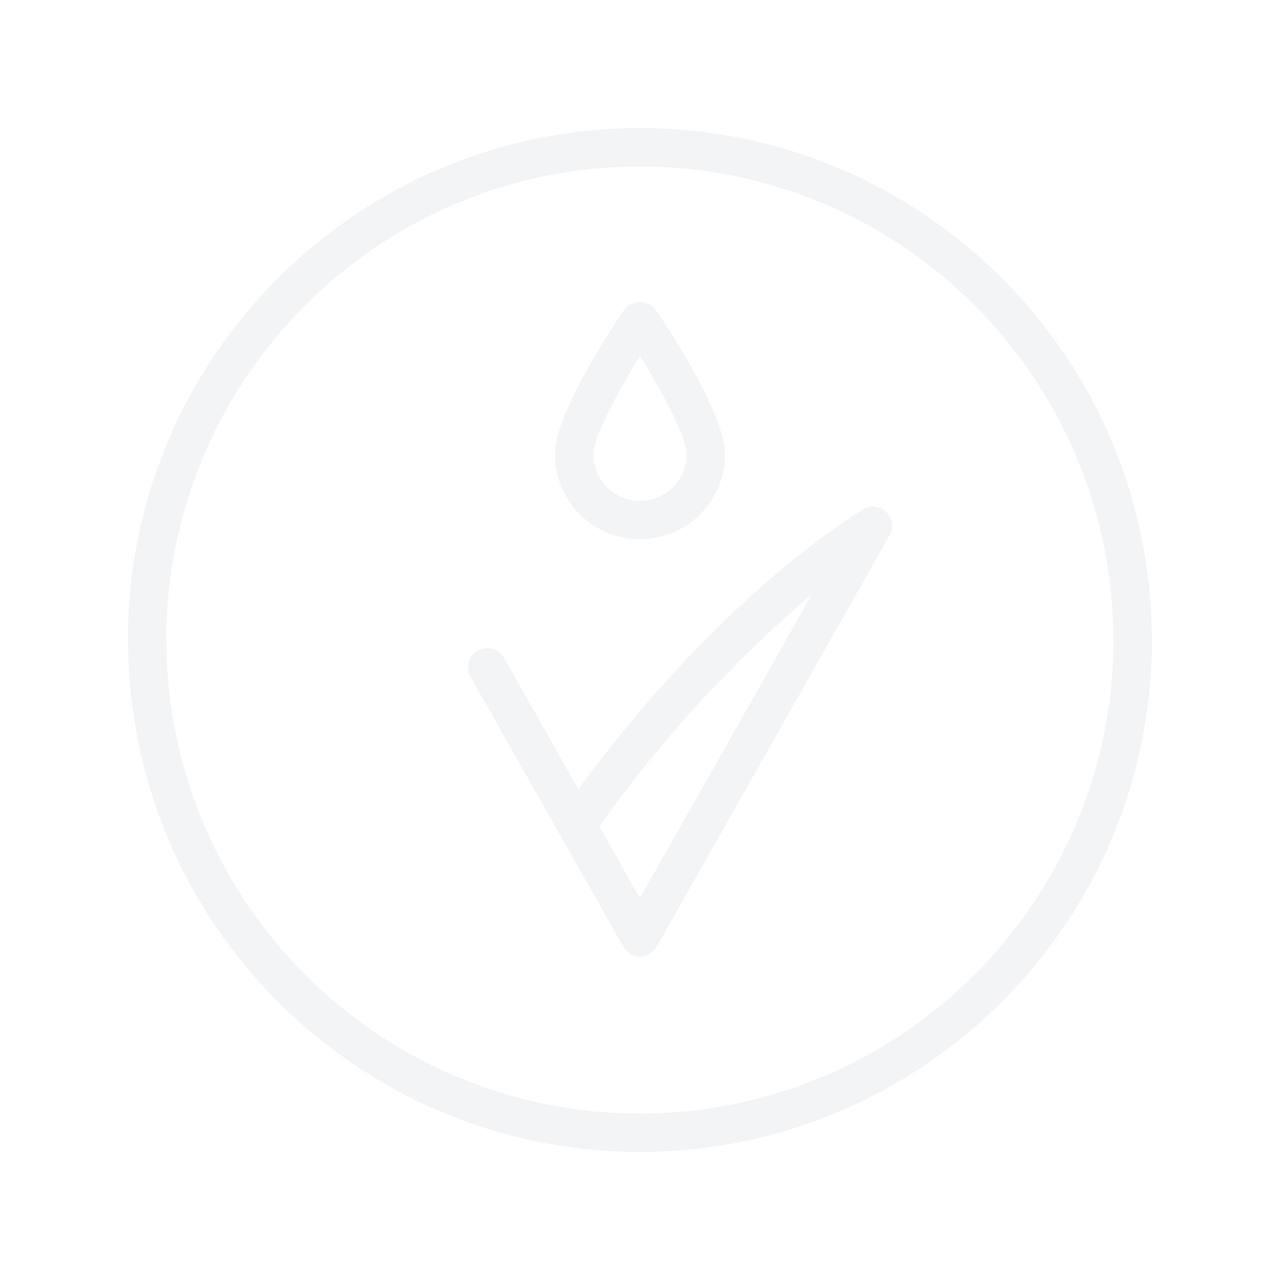 PACO RABANNE 1 Million 50ml Eau De Toilette Gift Set